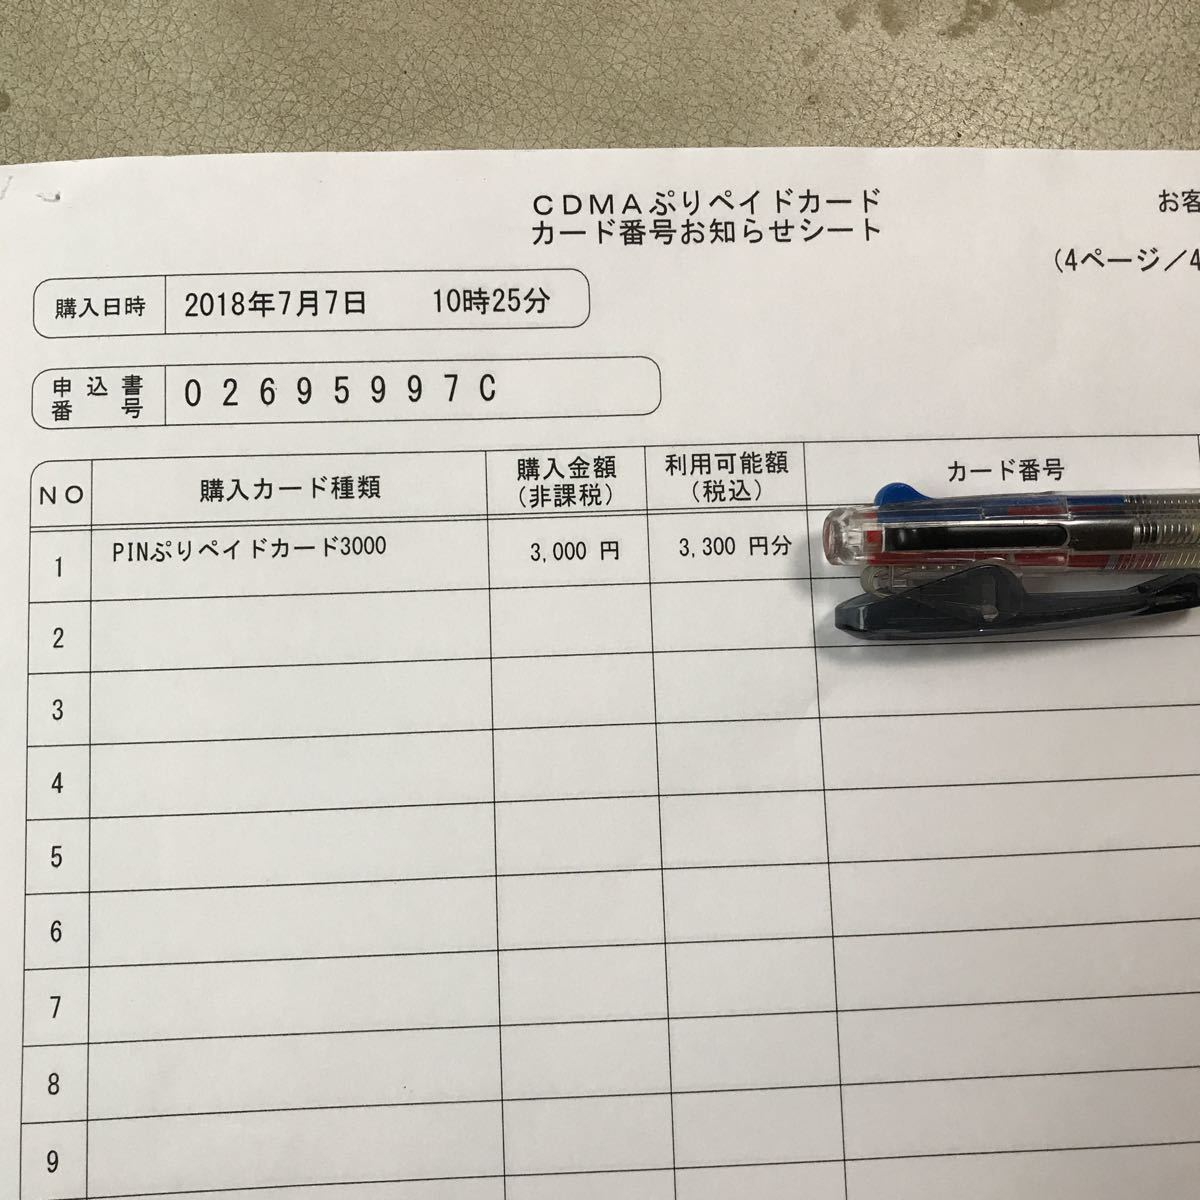 ☆au ぷりペイドカード 3300円分 プリペイドカード 送料無料(その2)_画像1